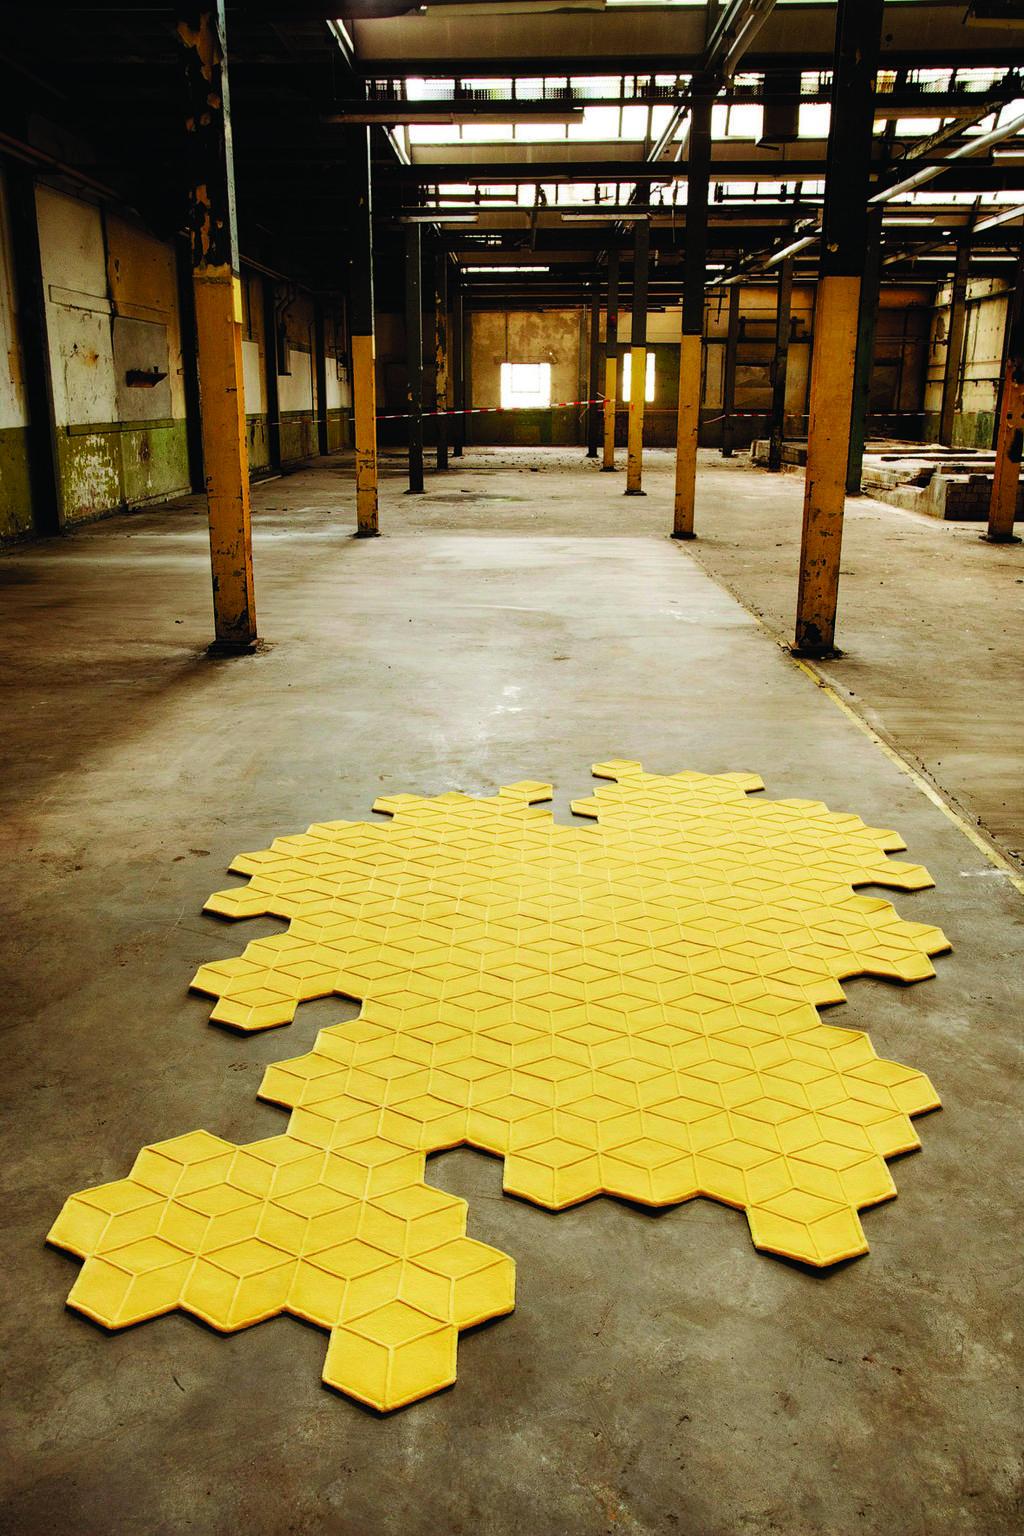 שטיח אמורפי. RENBY